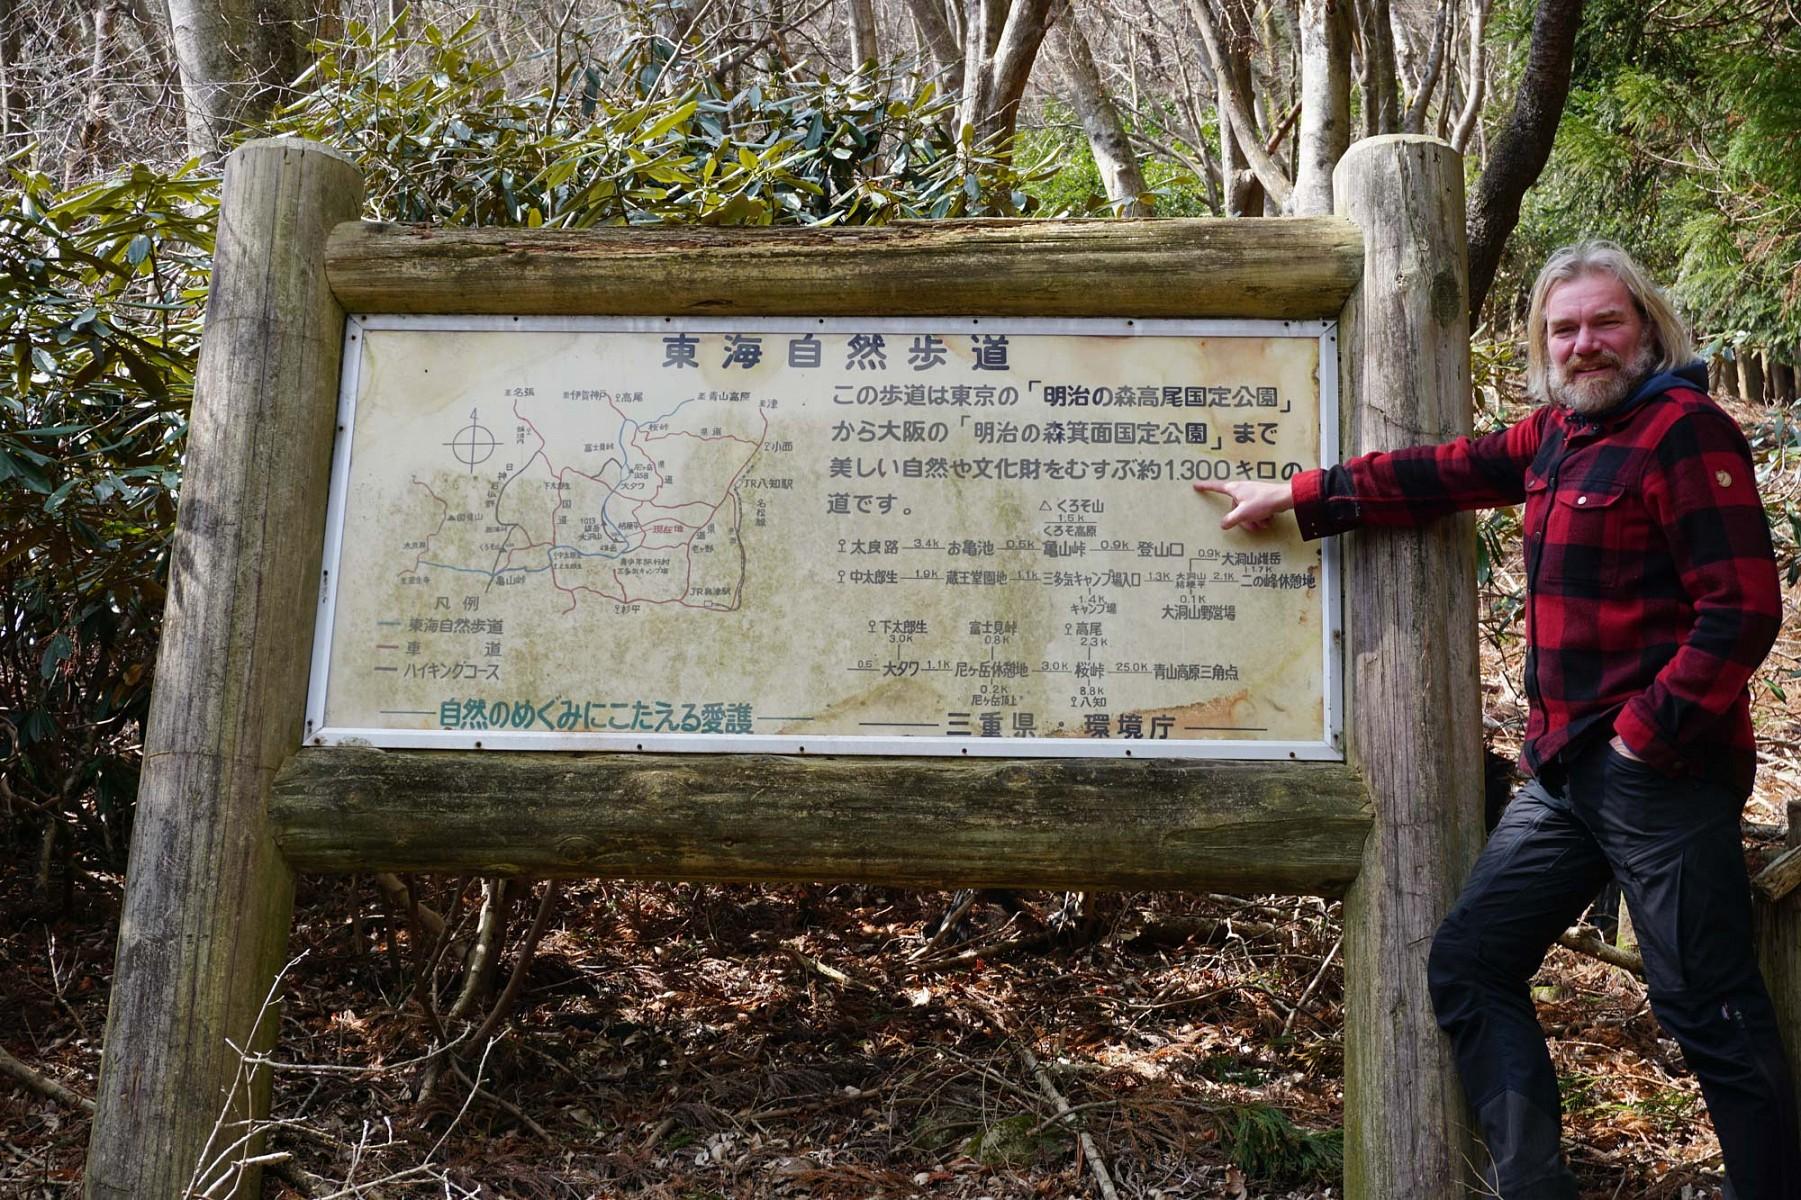 pspan-stylecolornullThorsten-Hoyer-war-im-Maumlrz-in-Japan-unterwegs-und-hat-sich-mitnbspShinrinnbspYokunbspdem-Waldbadennbspbeschaumlftigtspanppspan-stylecolornullDiesenbspInfotafel-verweist-auf-eine-rund-1300-km-Wanderungnbspvon-Tokio-nach-Osaka-ndash-fuumlr-alle-dienbspintensiver-39Waldbaden39-moumlchtespanppspan-stylecolornullspan-stylefont-size14pxAlle-Fotos-copy-Julia-Bauer-und-Thorsten-Hoyerspanspanp